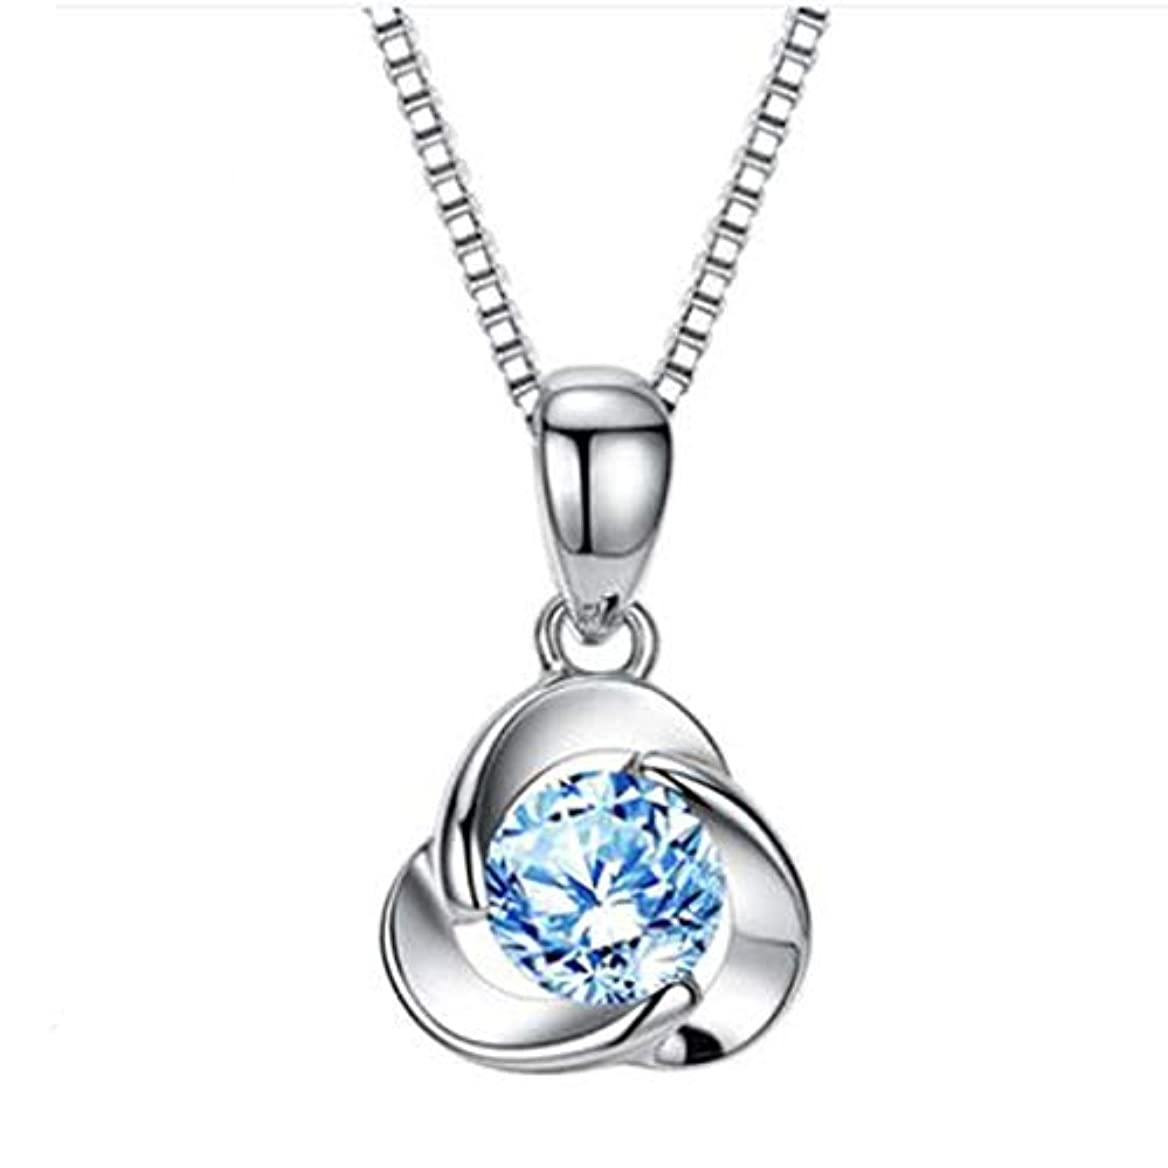 人気の探偵拍車Chengjinxiang ガールフレンドの妻の誕生日プレゼントを送る女性実用クリエイティブロマンチックな特別な心小さな贈り物,クリエイティブギフト (Color : Blue)